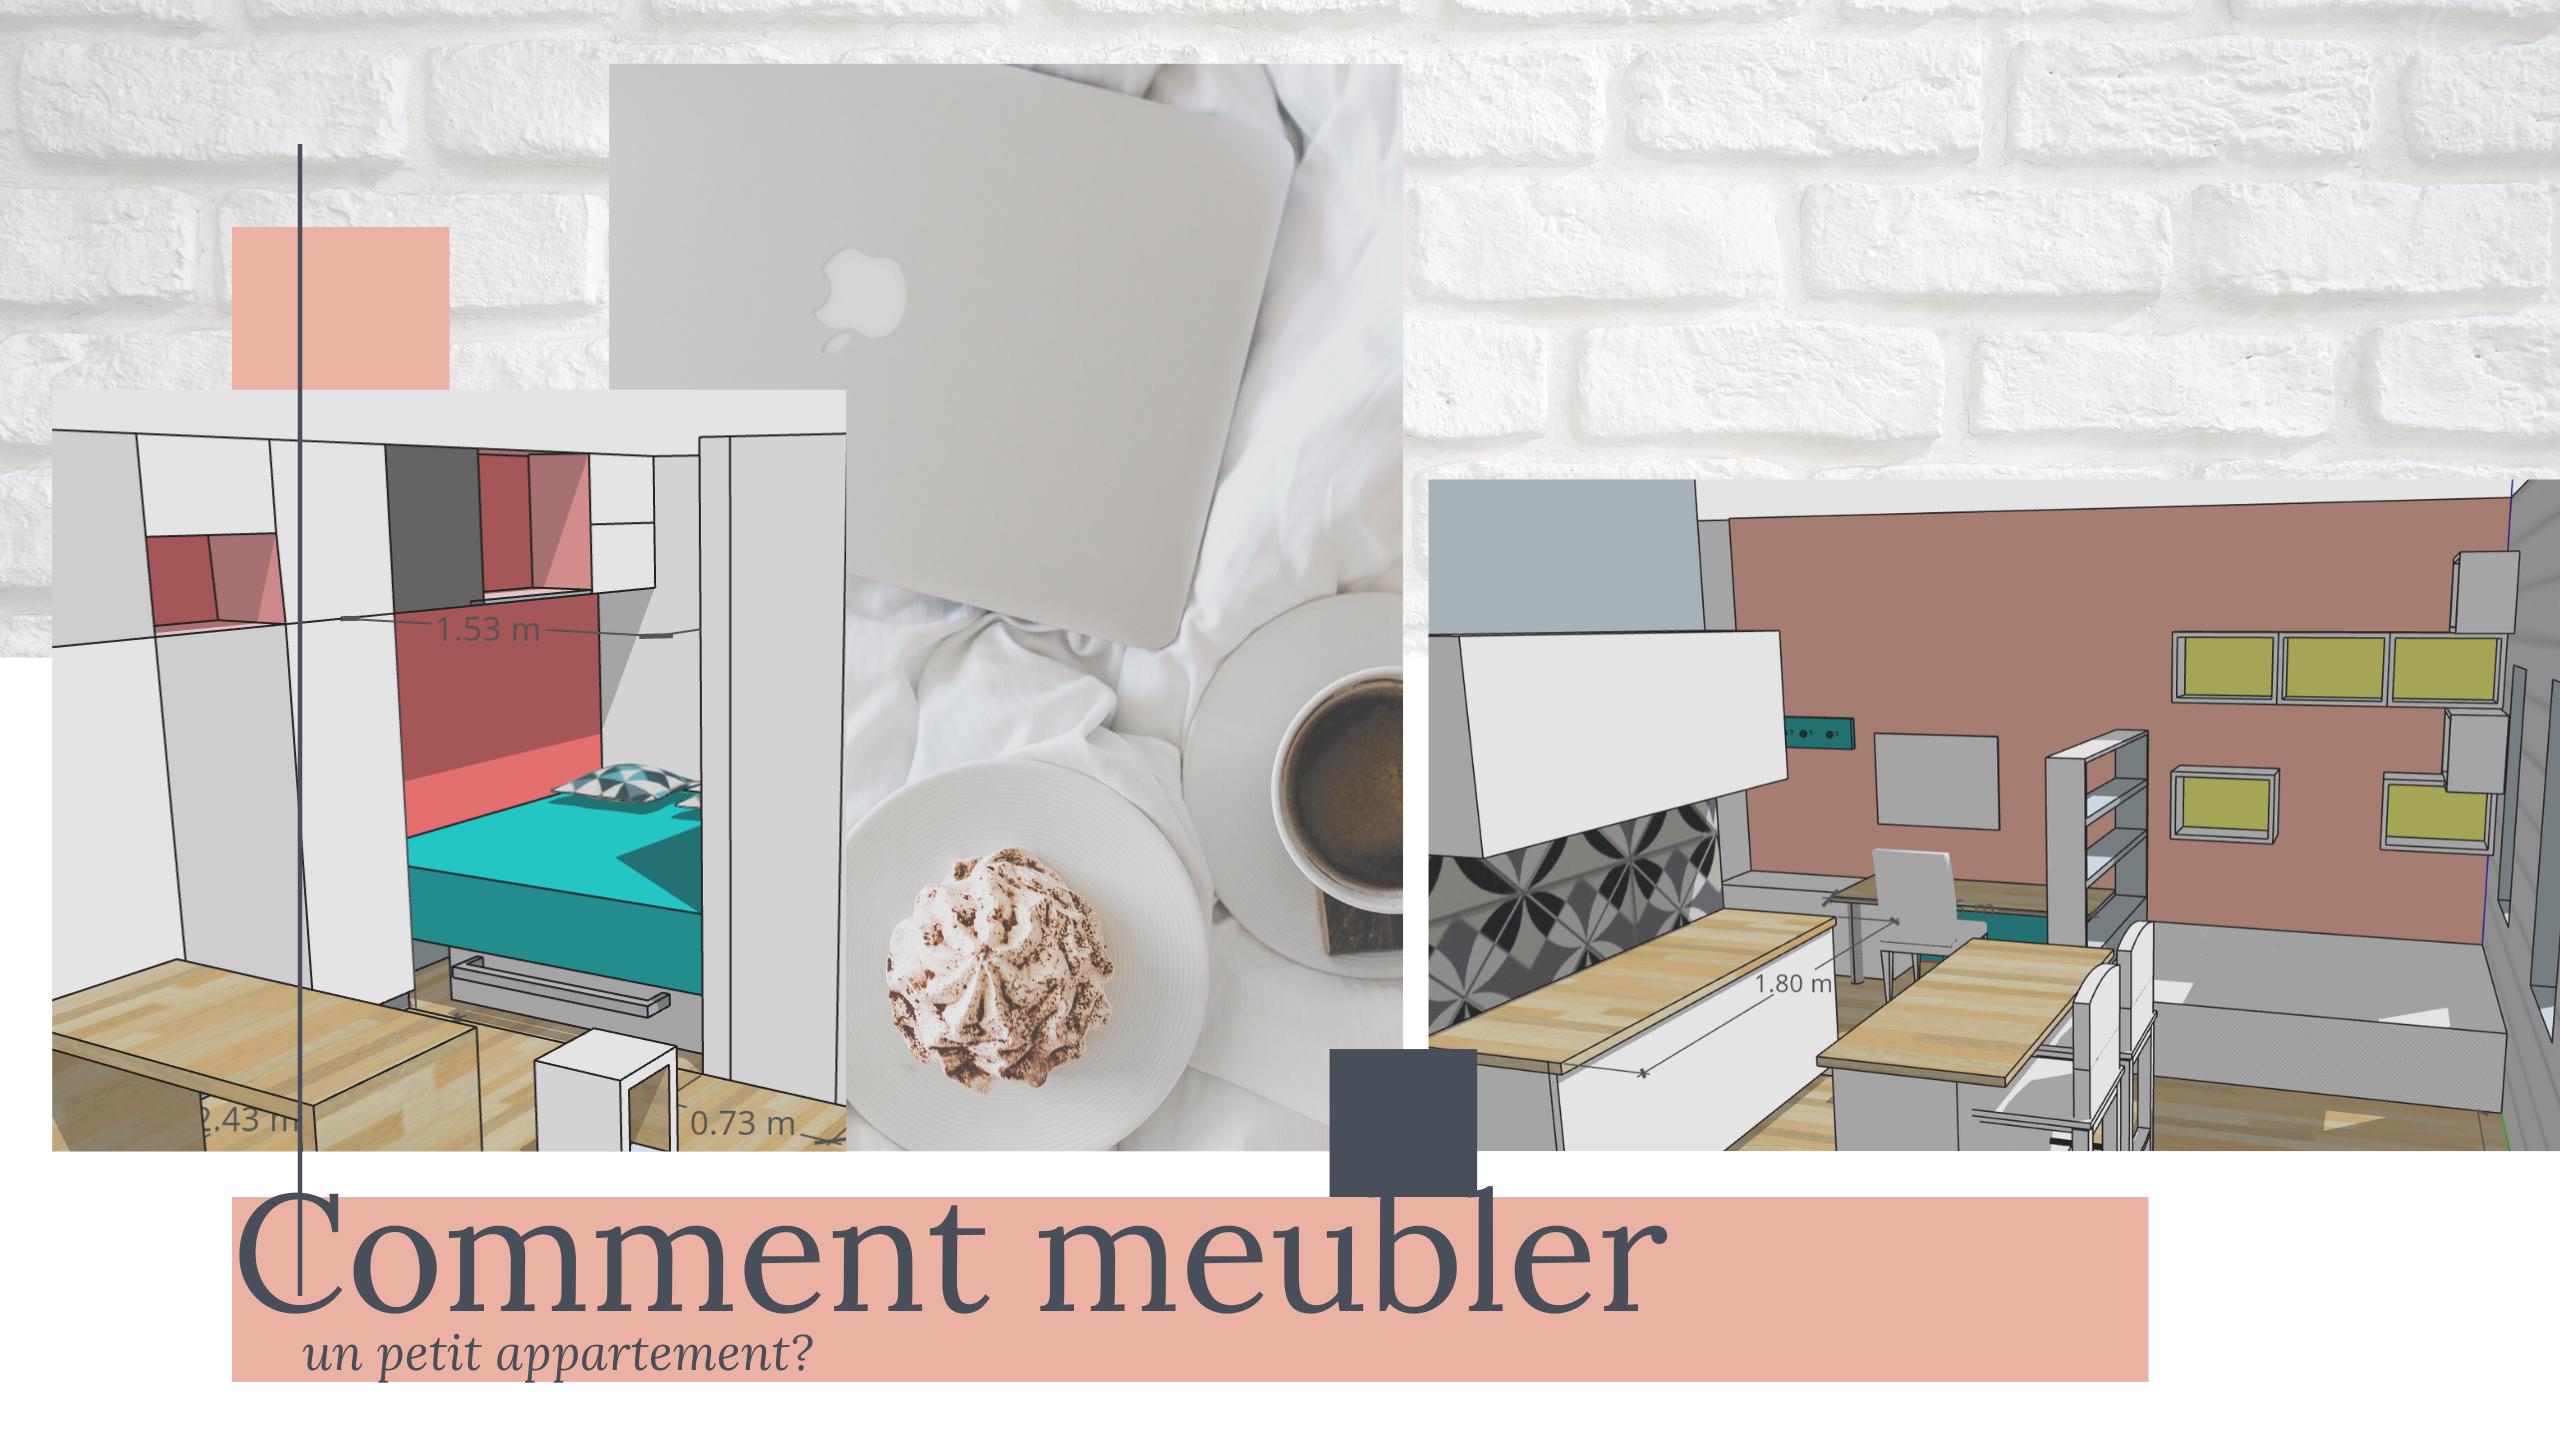 comment meubler petit appartement